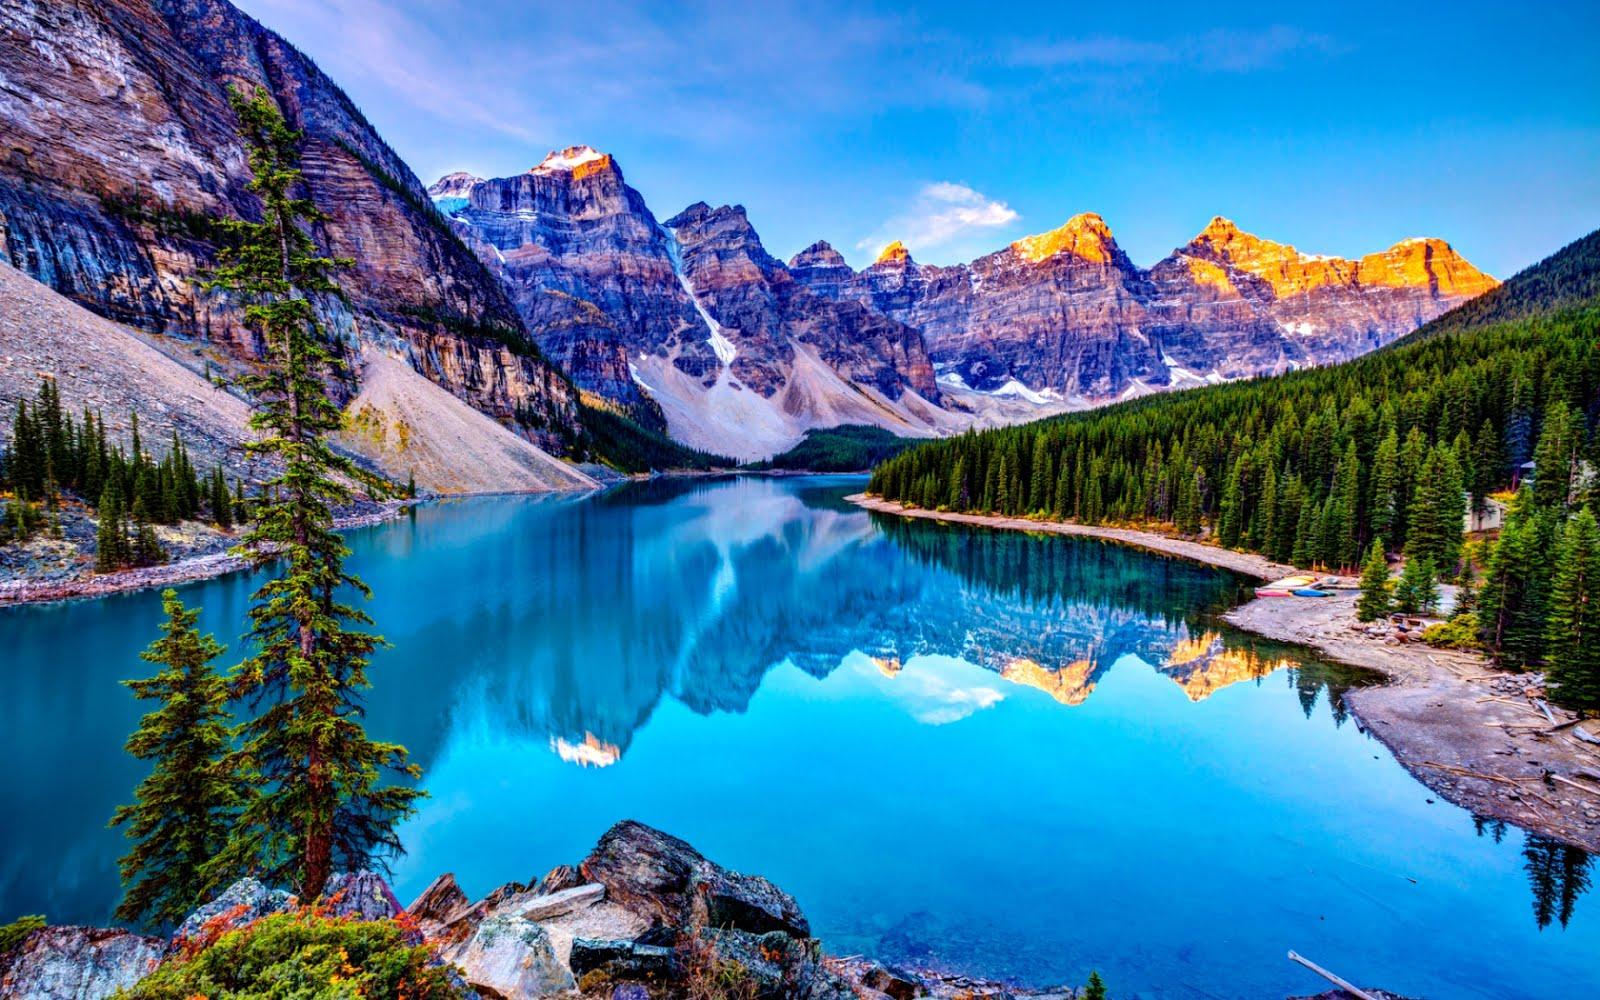 Moraine Lake Hd Desktop Wallpaper 1600x1000